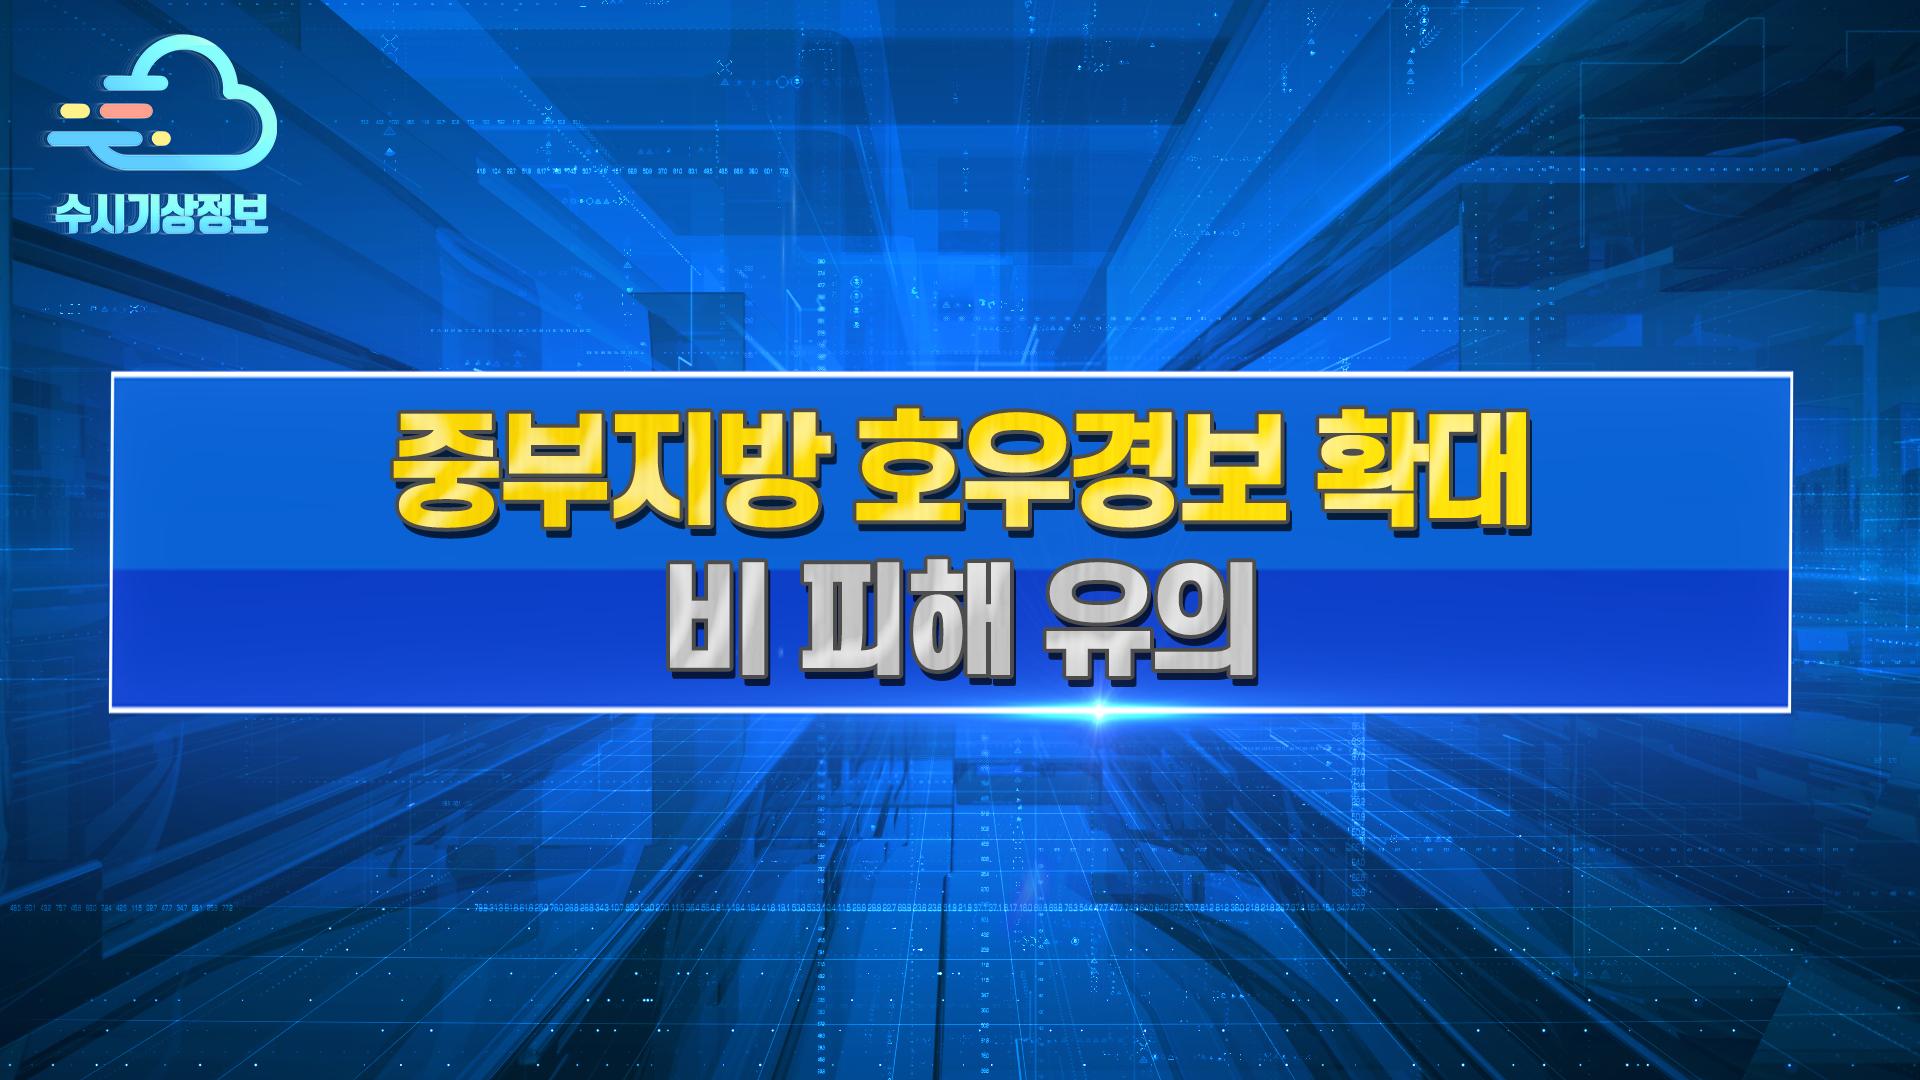 [수시기상정보] 중부지방 호우경보 확대, 비 피해 유의, 8월 2일 13시 발표